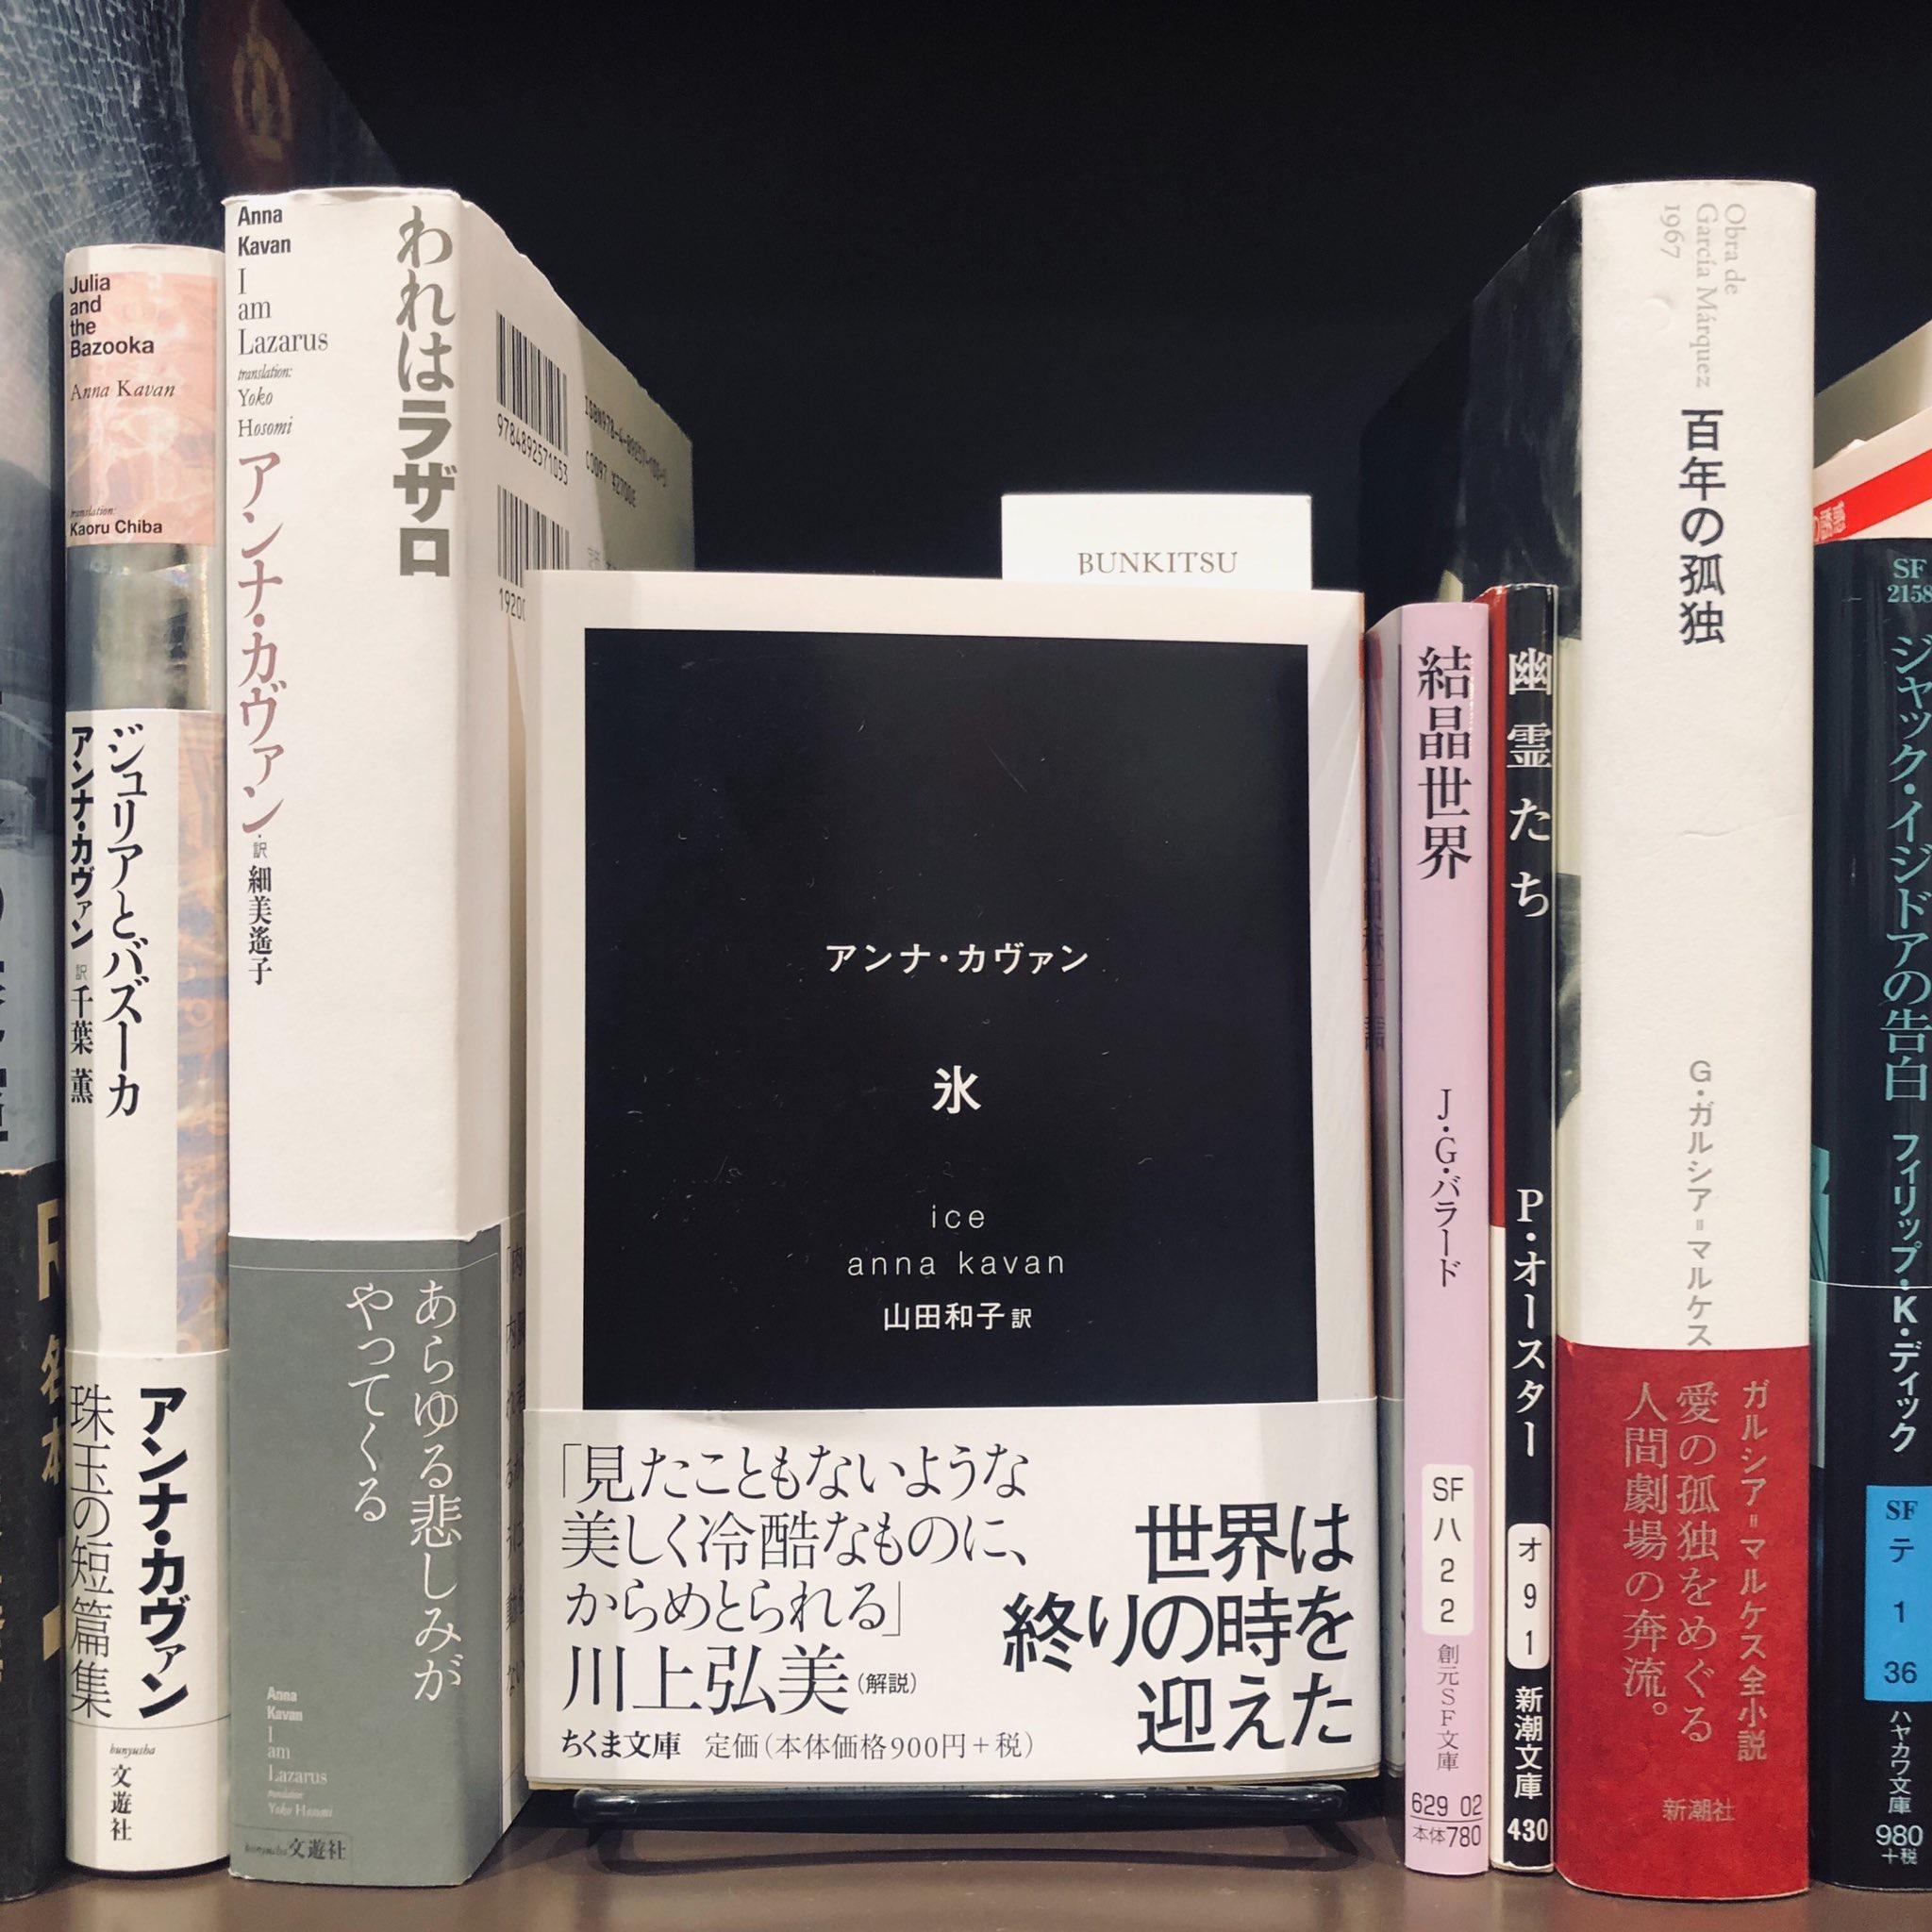 アンナ・カヴァン『氷』(ちくま文庫)